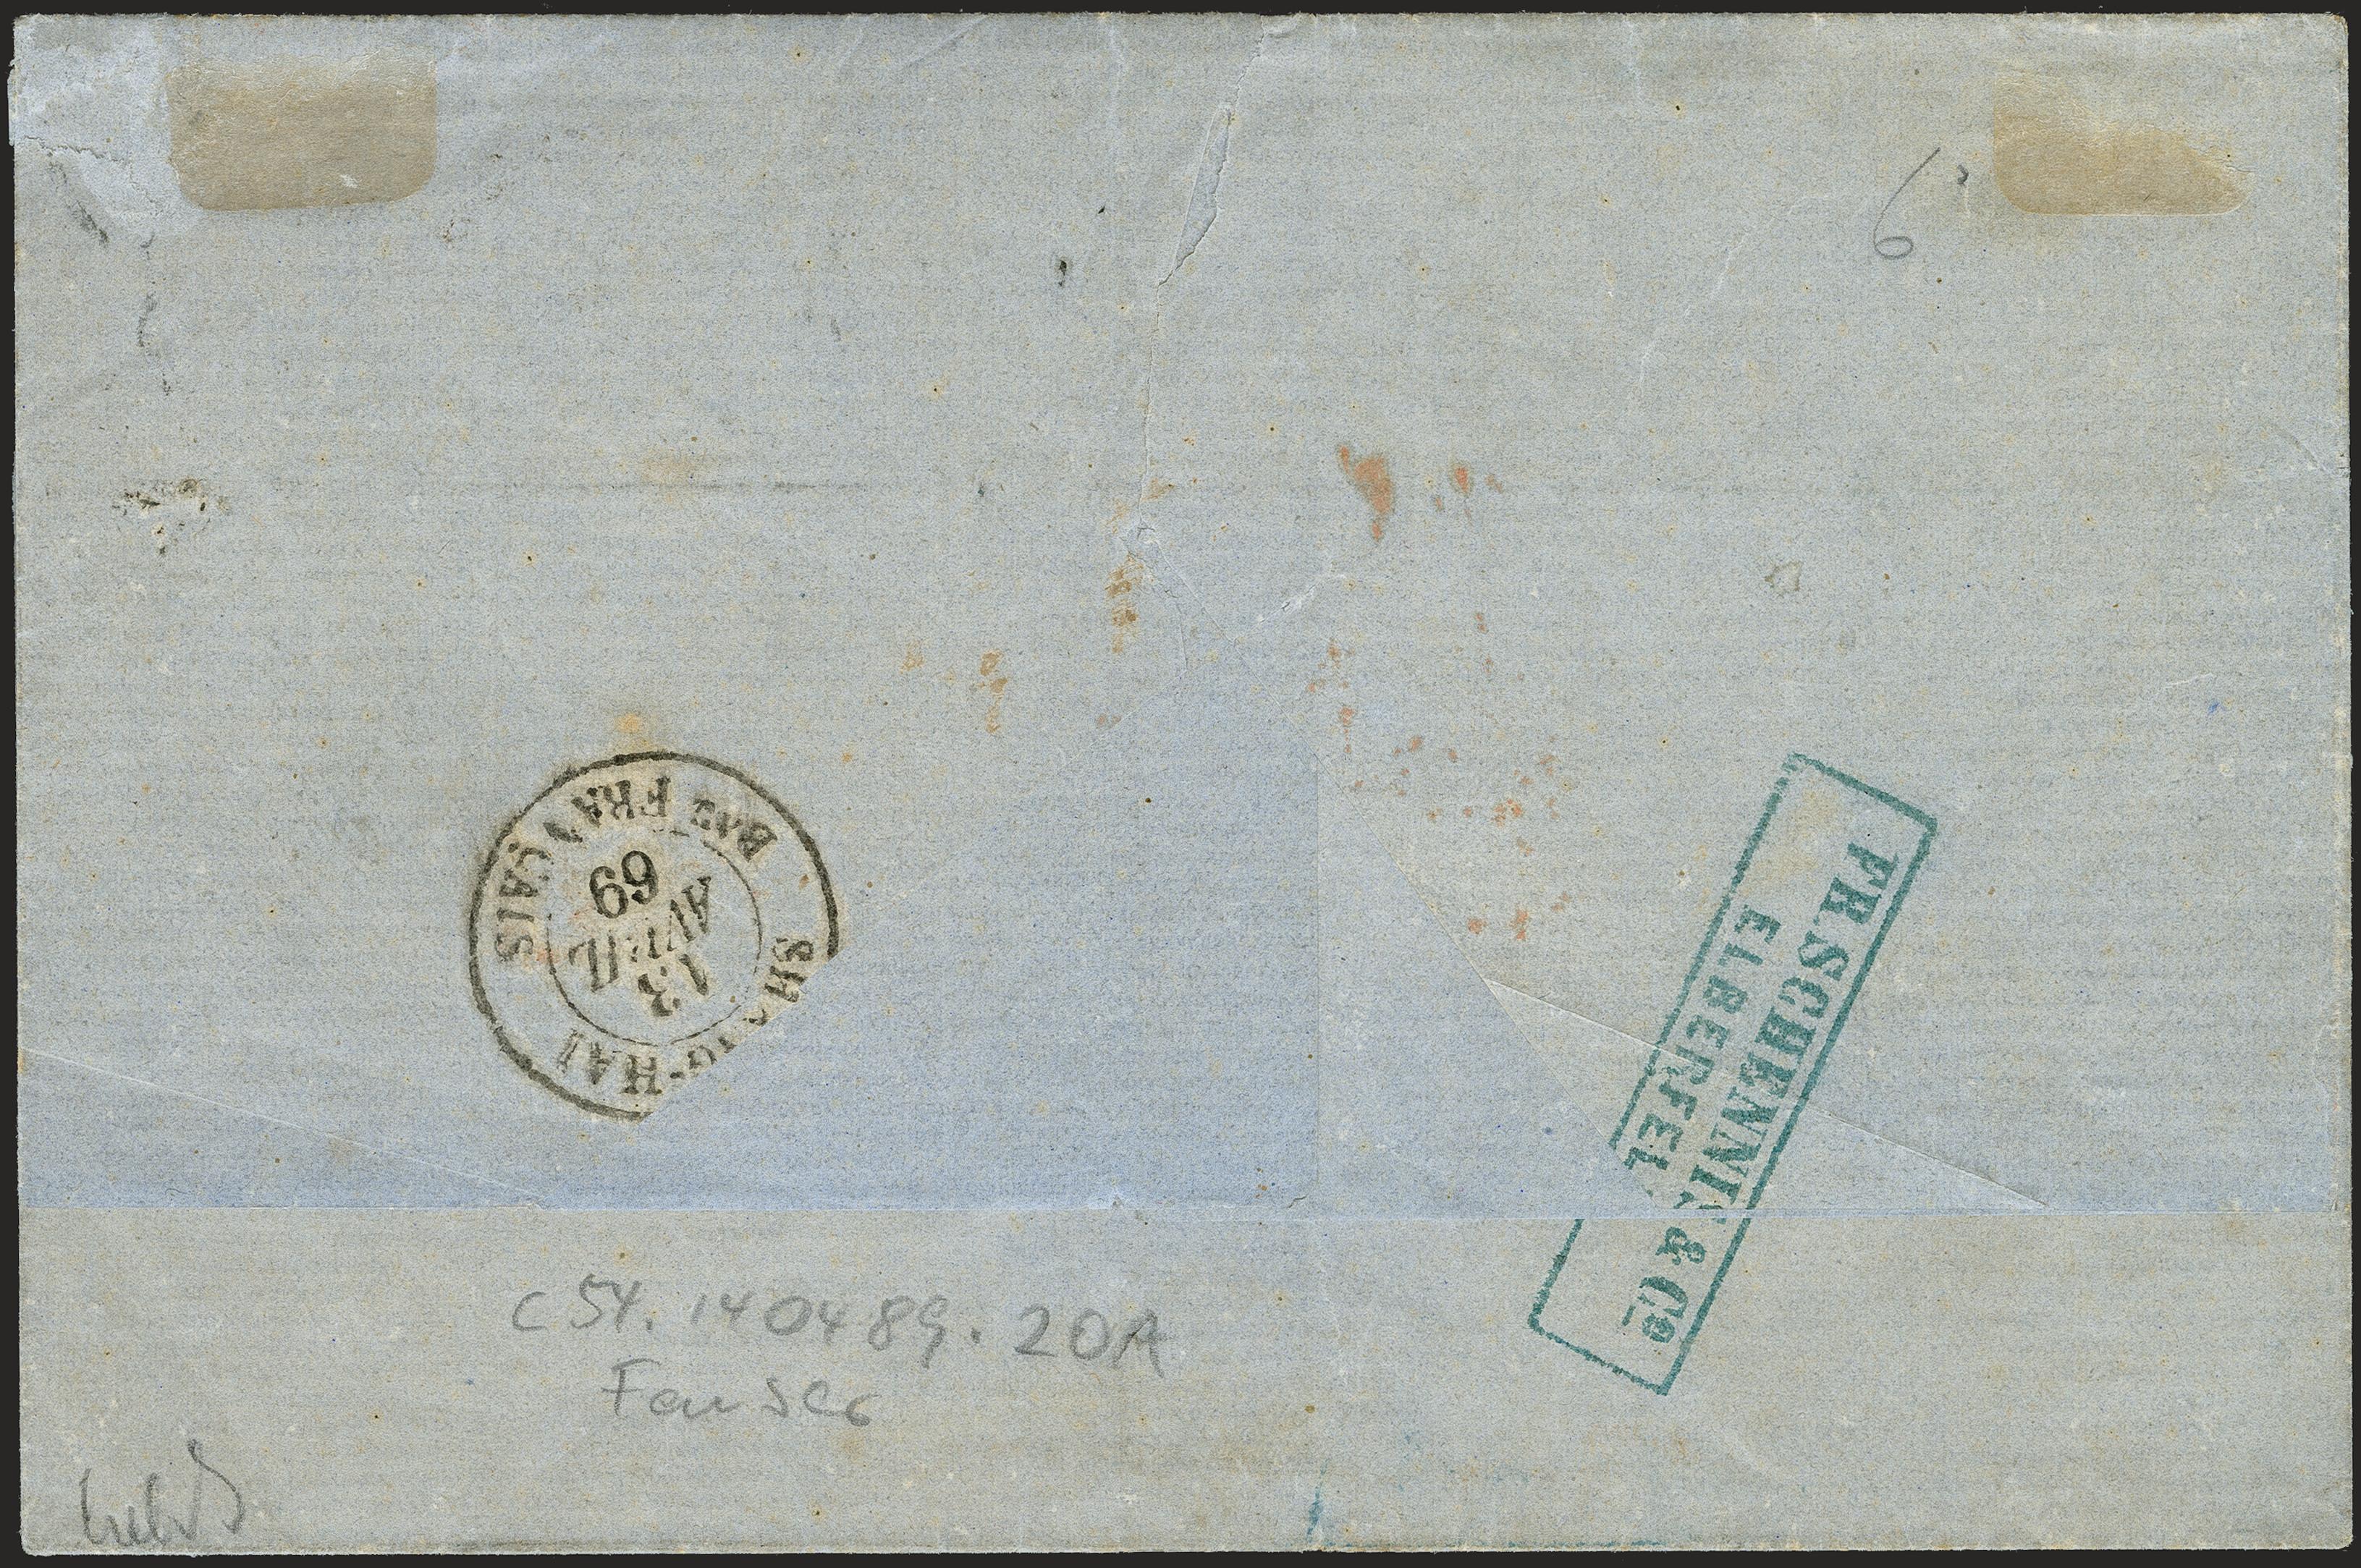 Lot 305 - Altdeutsche Staaten norddeutscher postbezirk -  Heinrich Koehler Auktionen 372nd Auction - The ERIVAN Collection